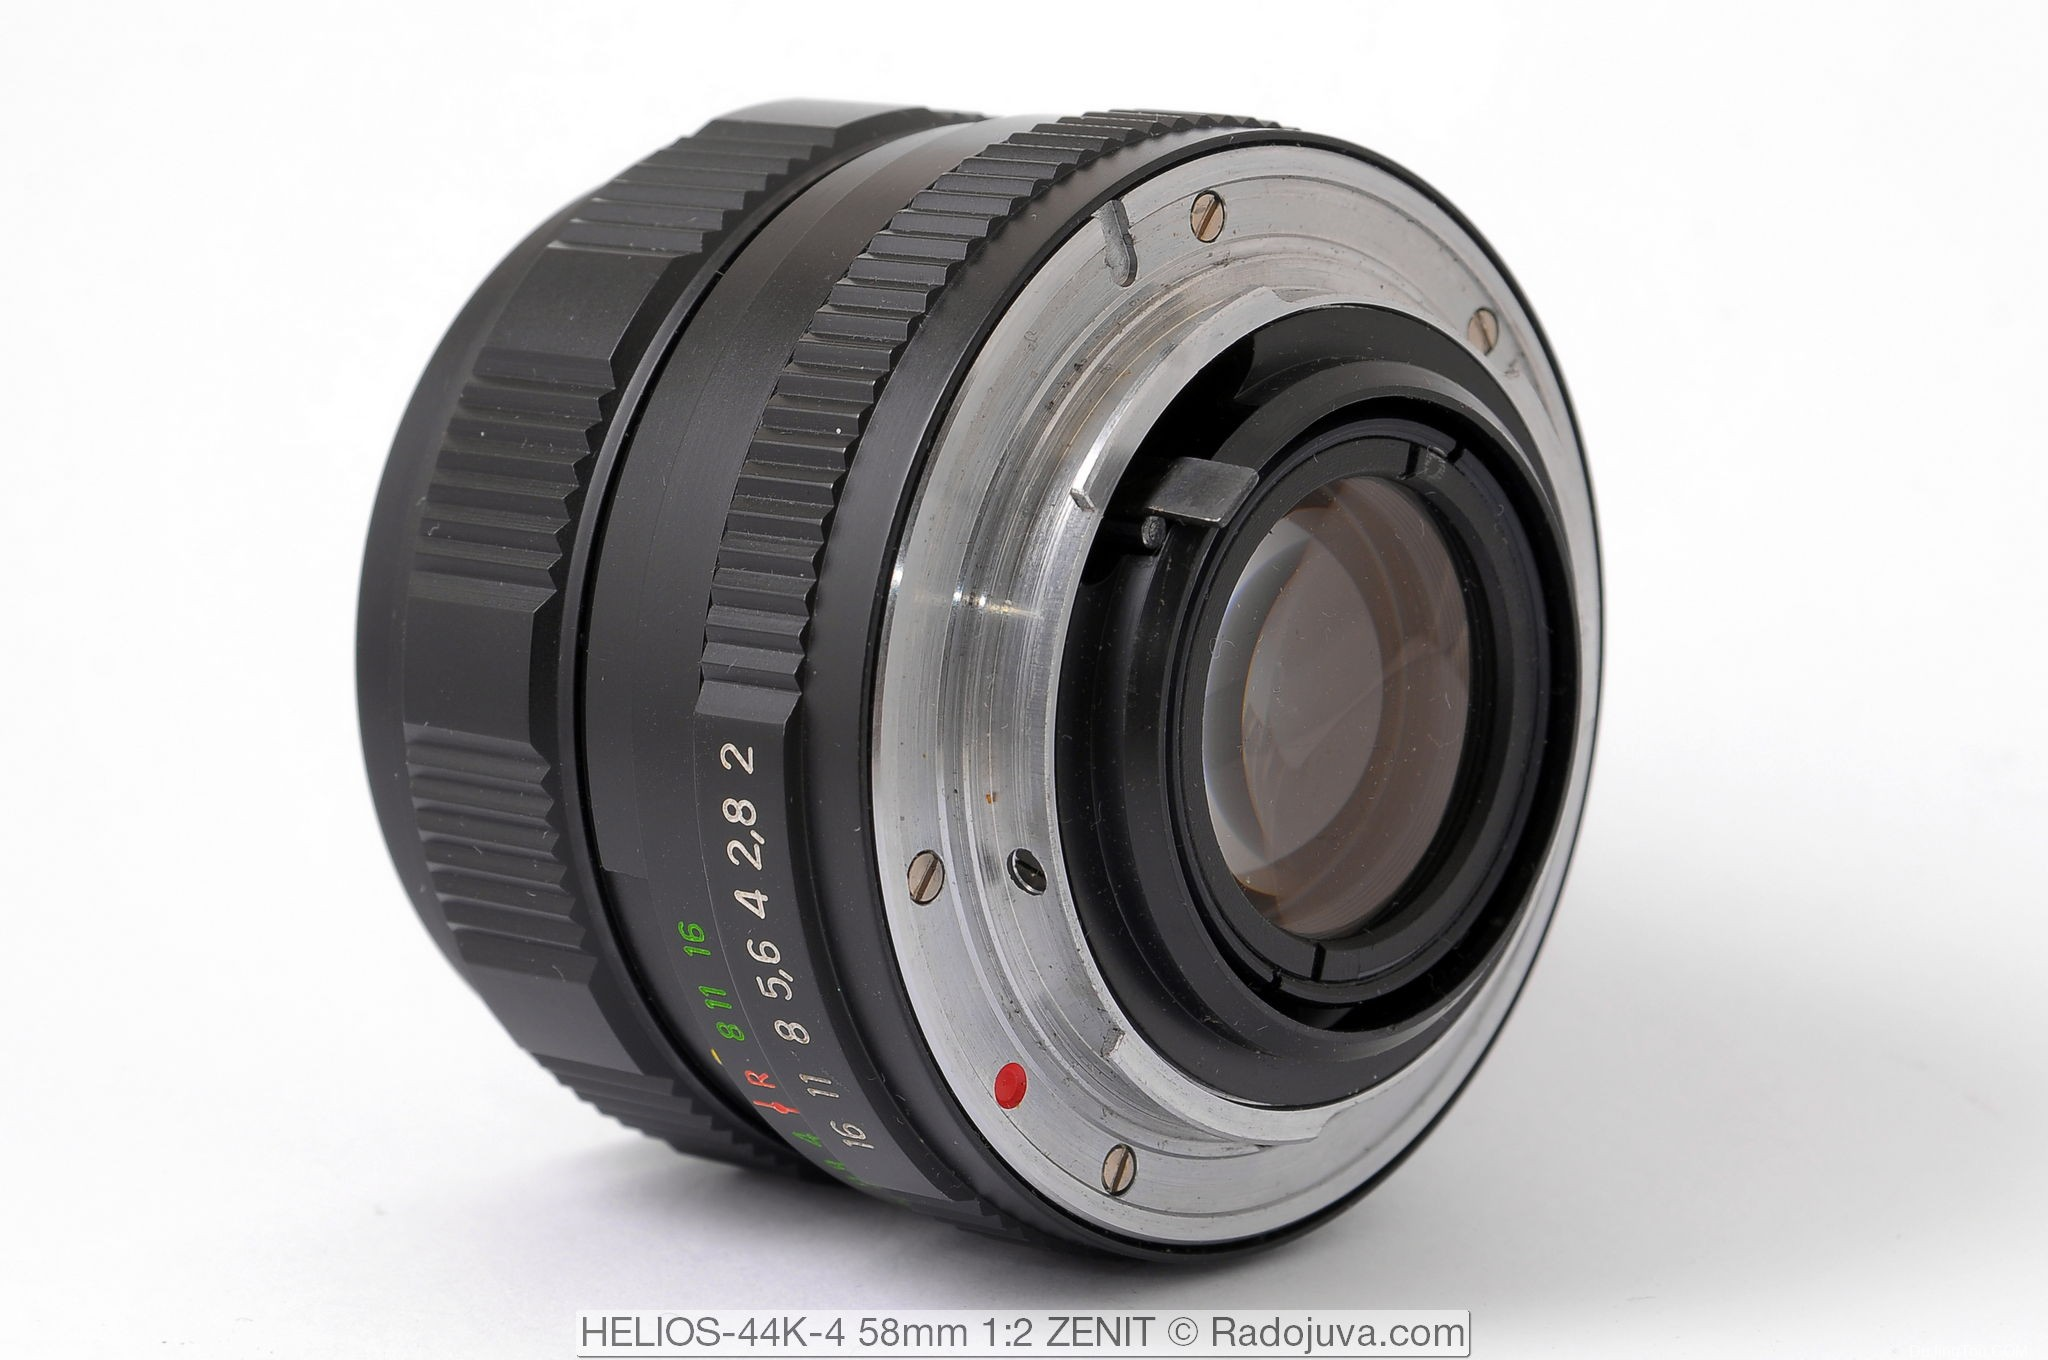 苏联镜头:HELIOS-44K-4 58mm 1:2 KMZ, 6 片光圈版, Pentax K机身样片